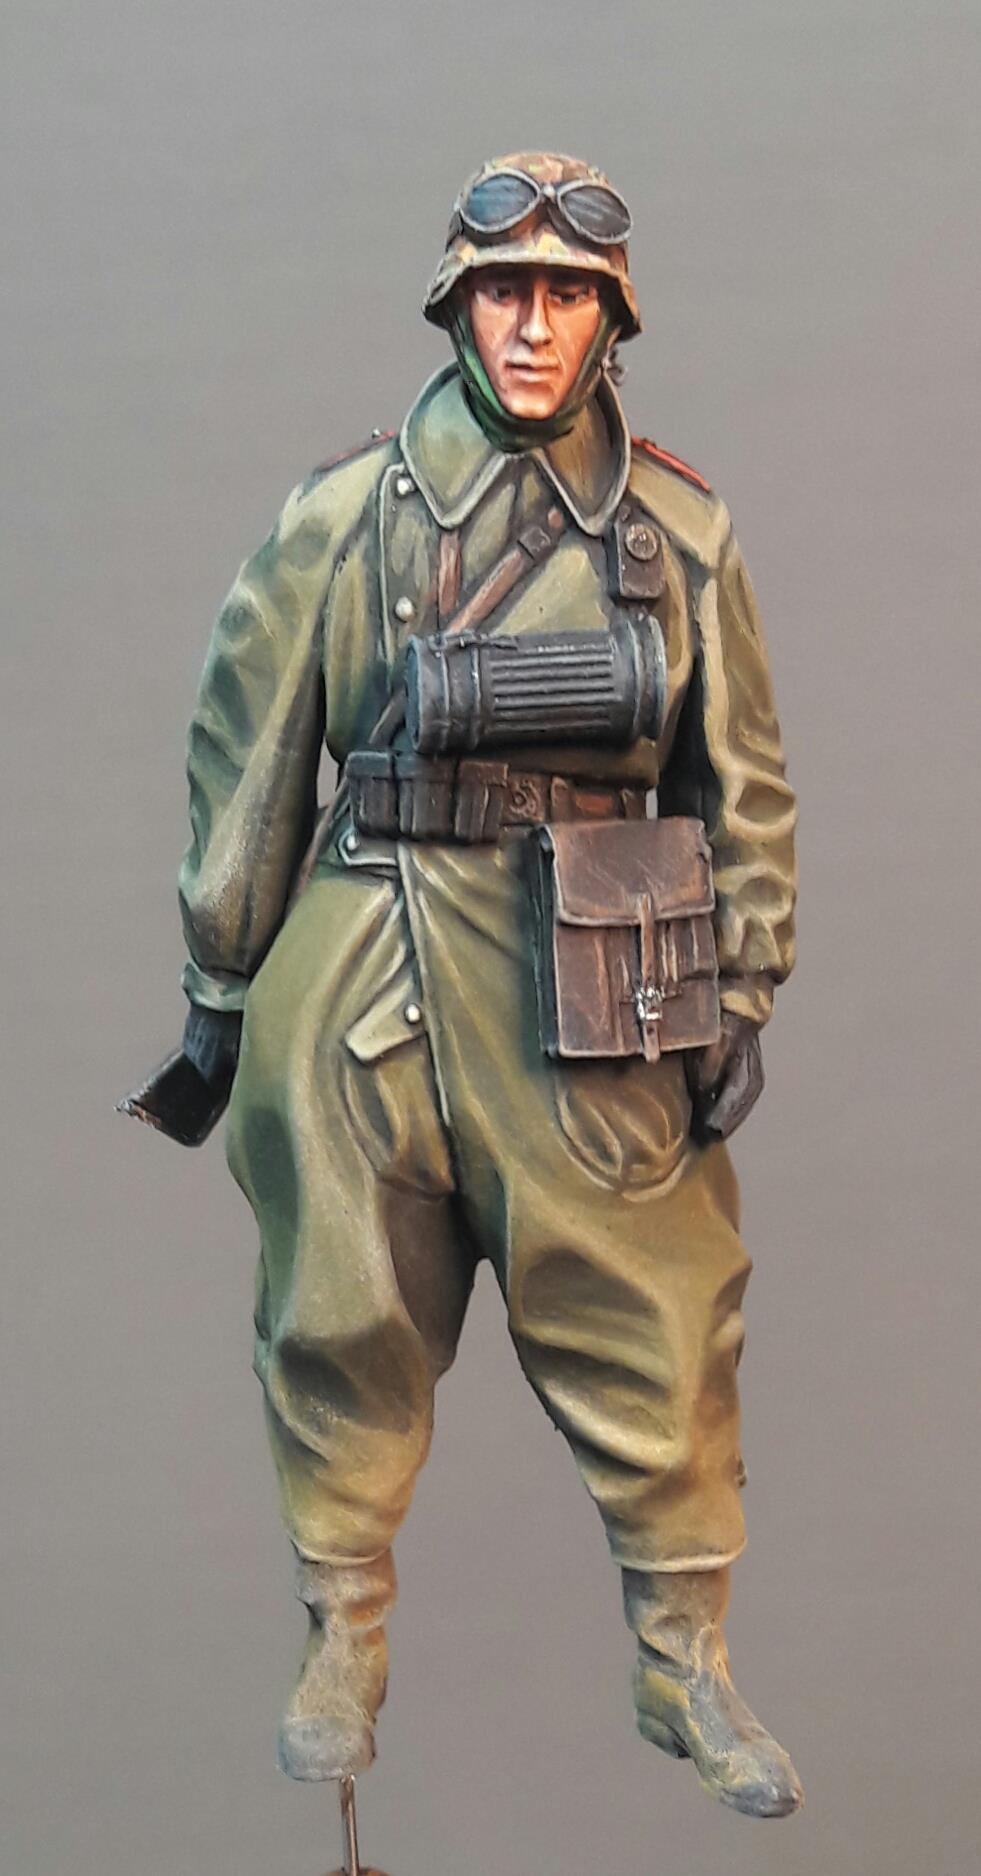 Zündapp KS750 - Sidecar - Great Wall Hobby + figurines Alpine - 1/35 - Page 3 1146781980733610211728378819504725513823o